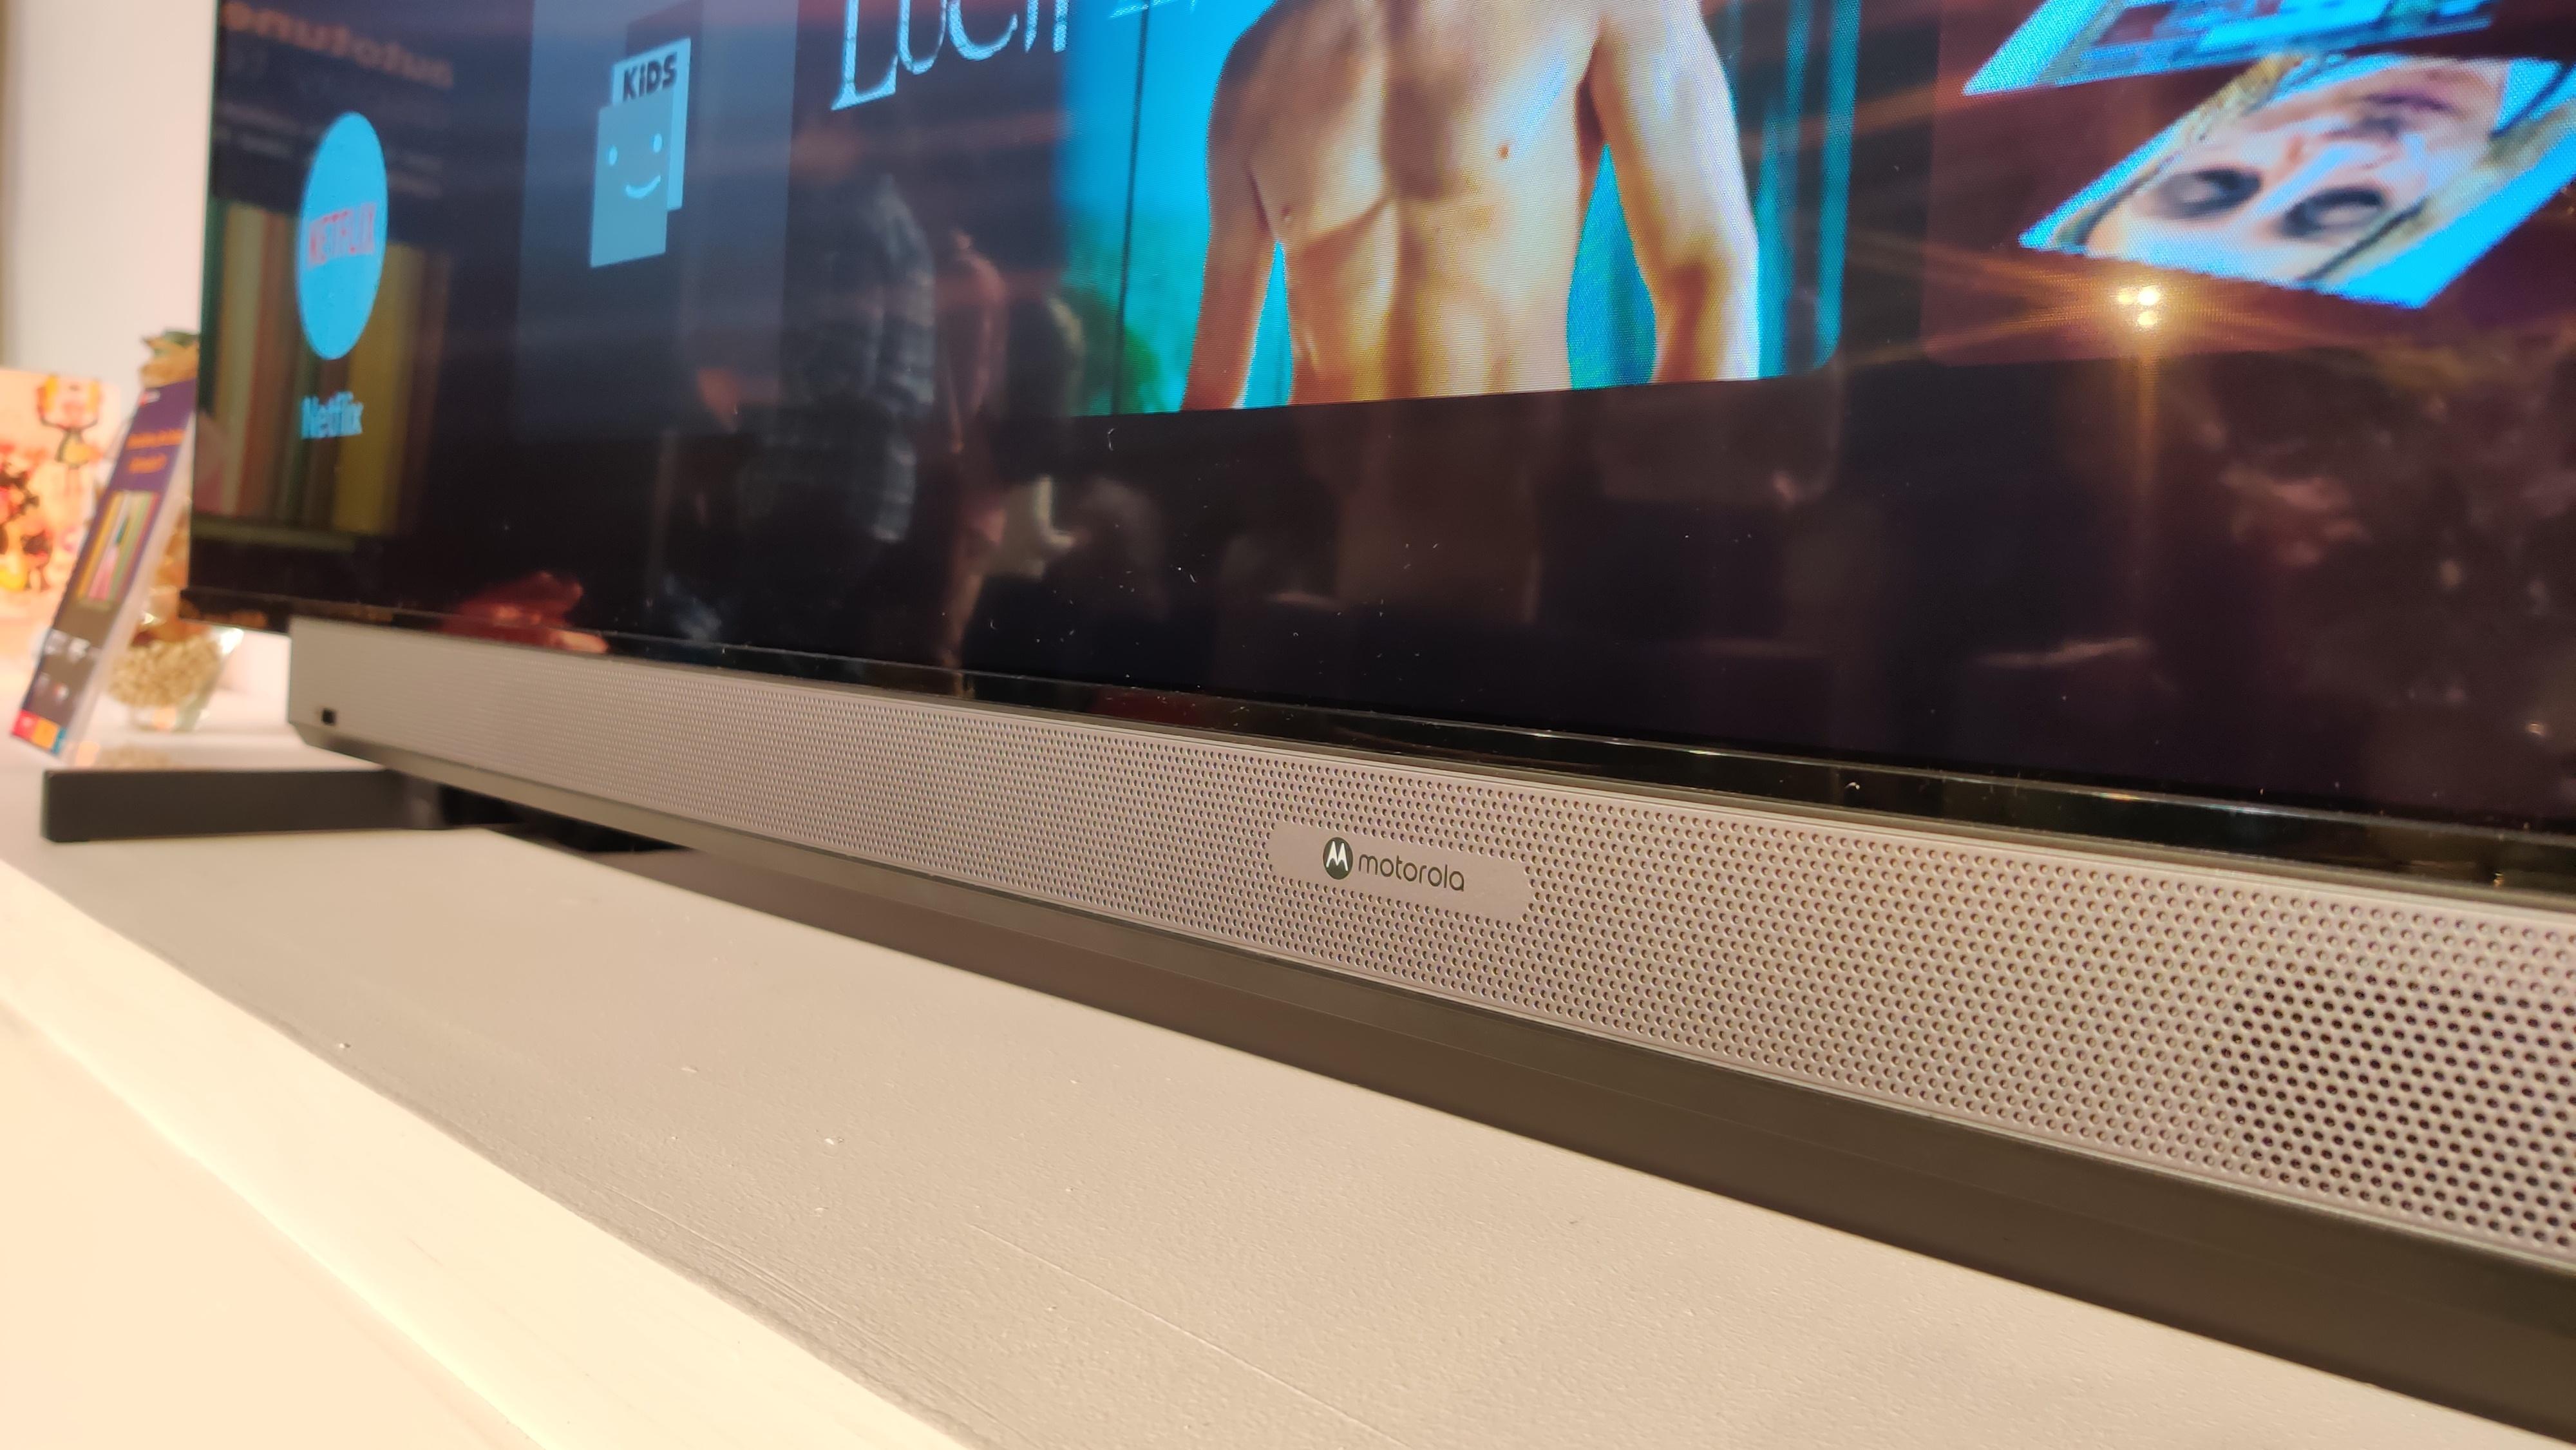 Motorola ties up with Flipkart to launch six smart TVs in India